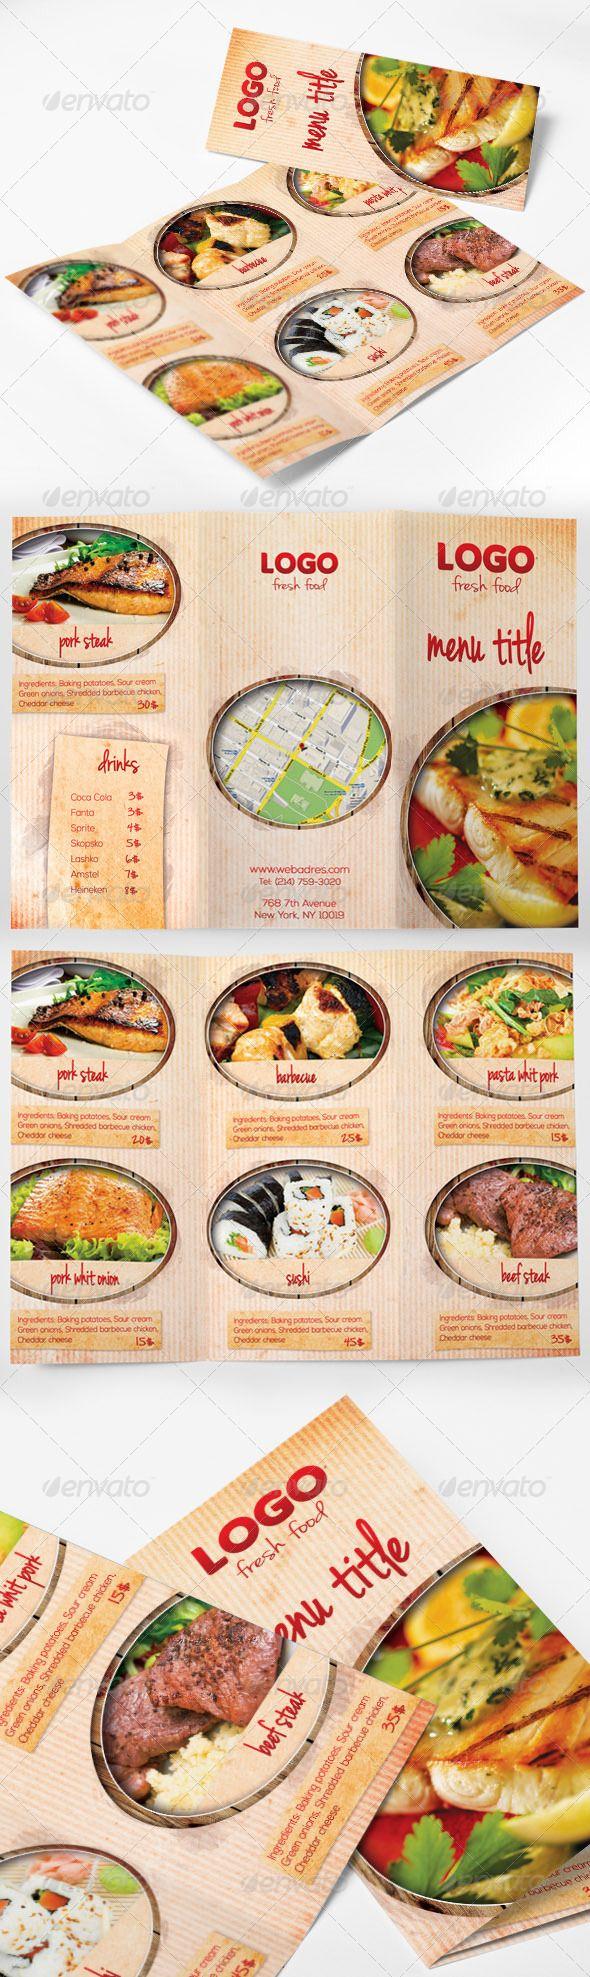 Food Menu Tri-fold Brochure #psd #foodmenu #trifold #restaurant